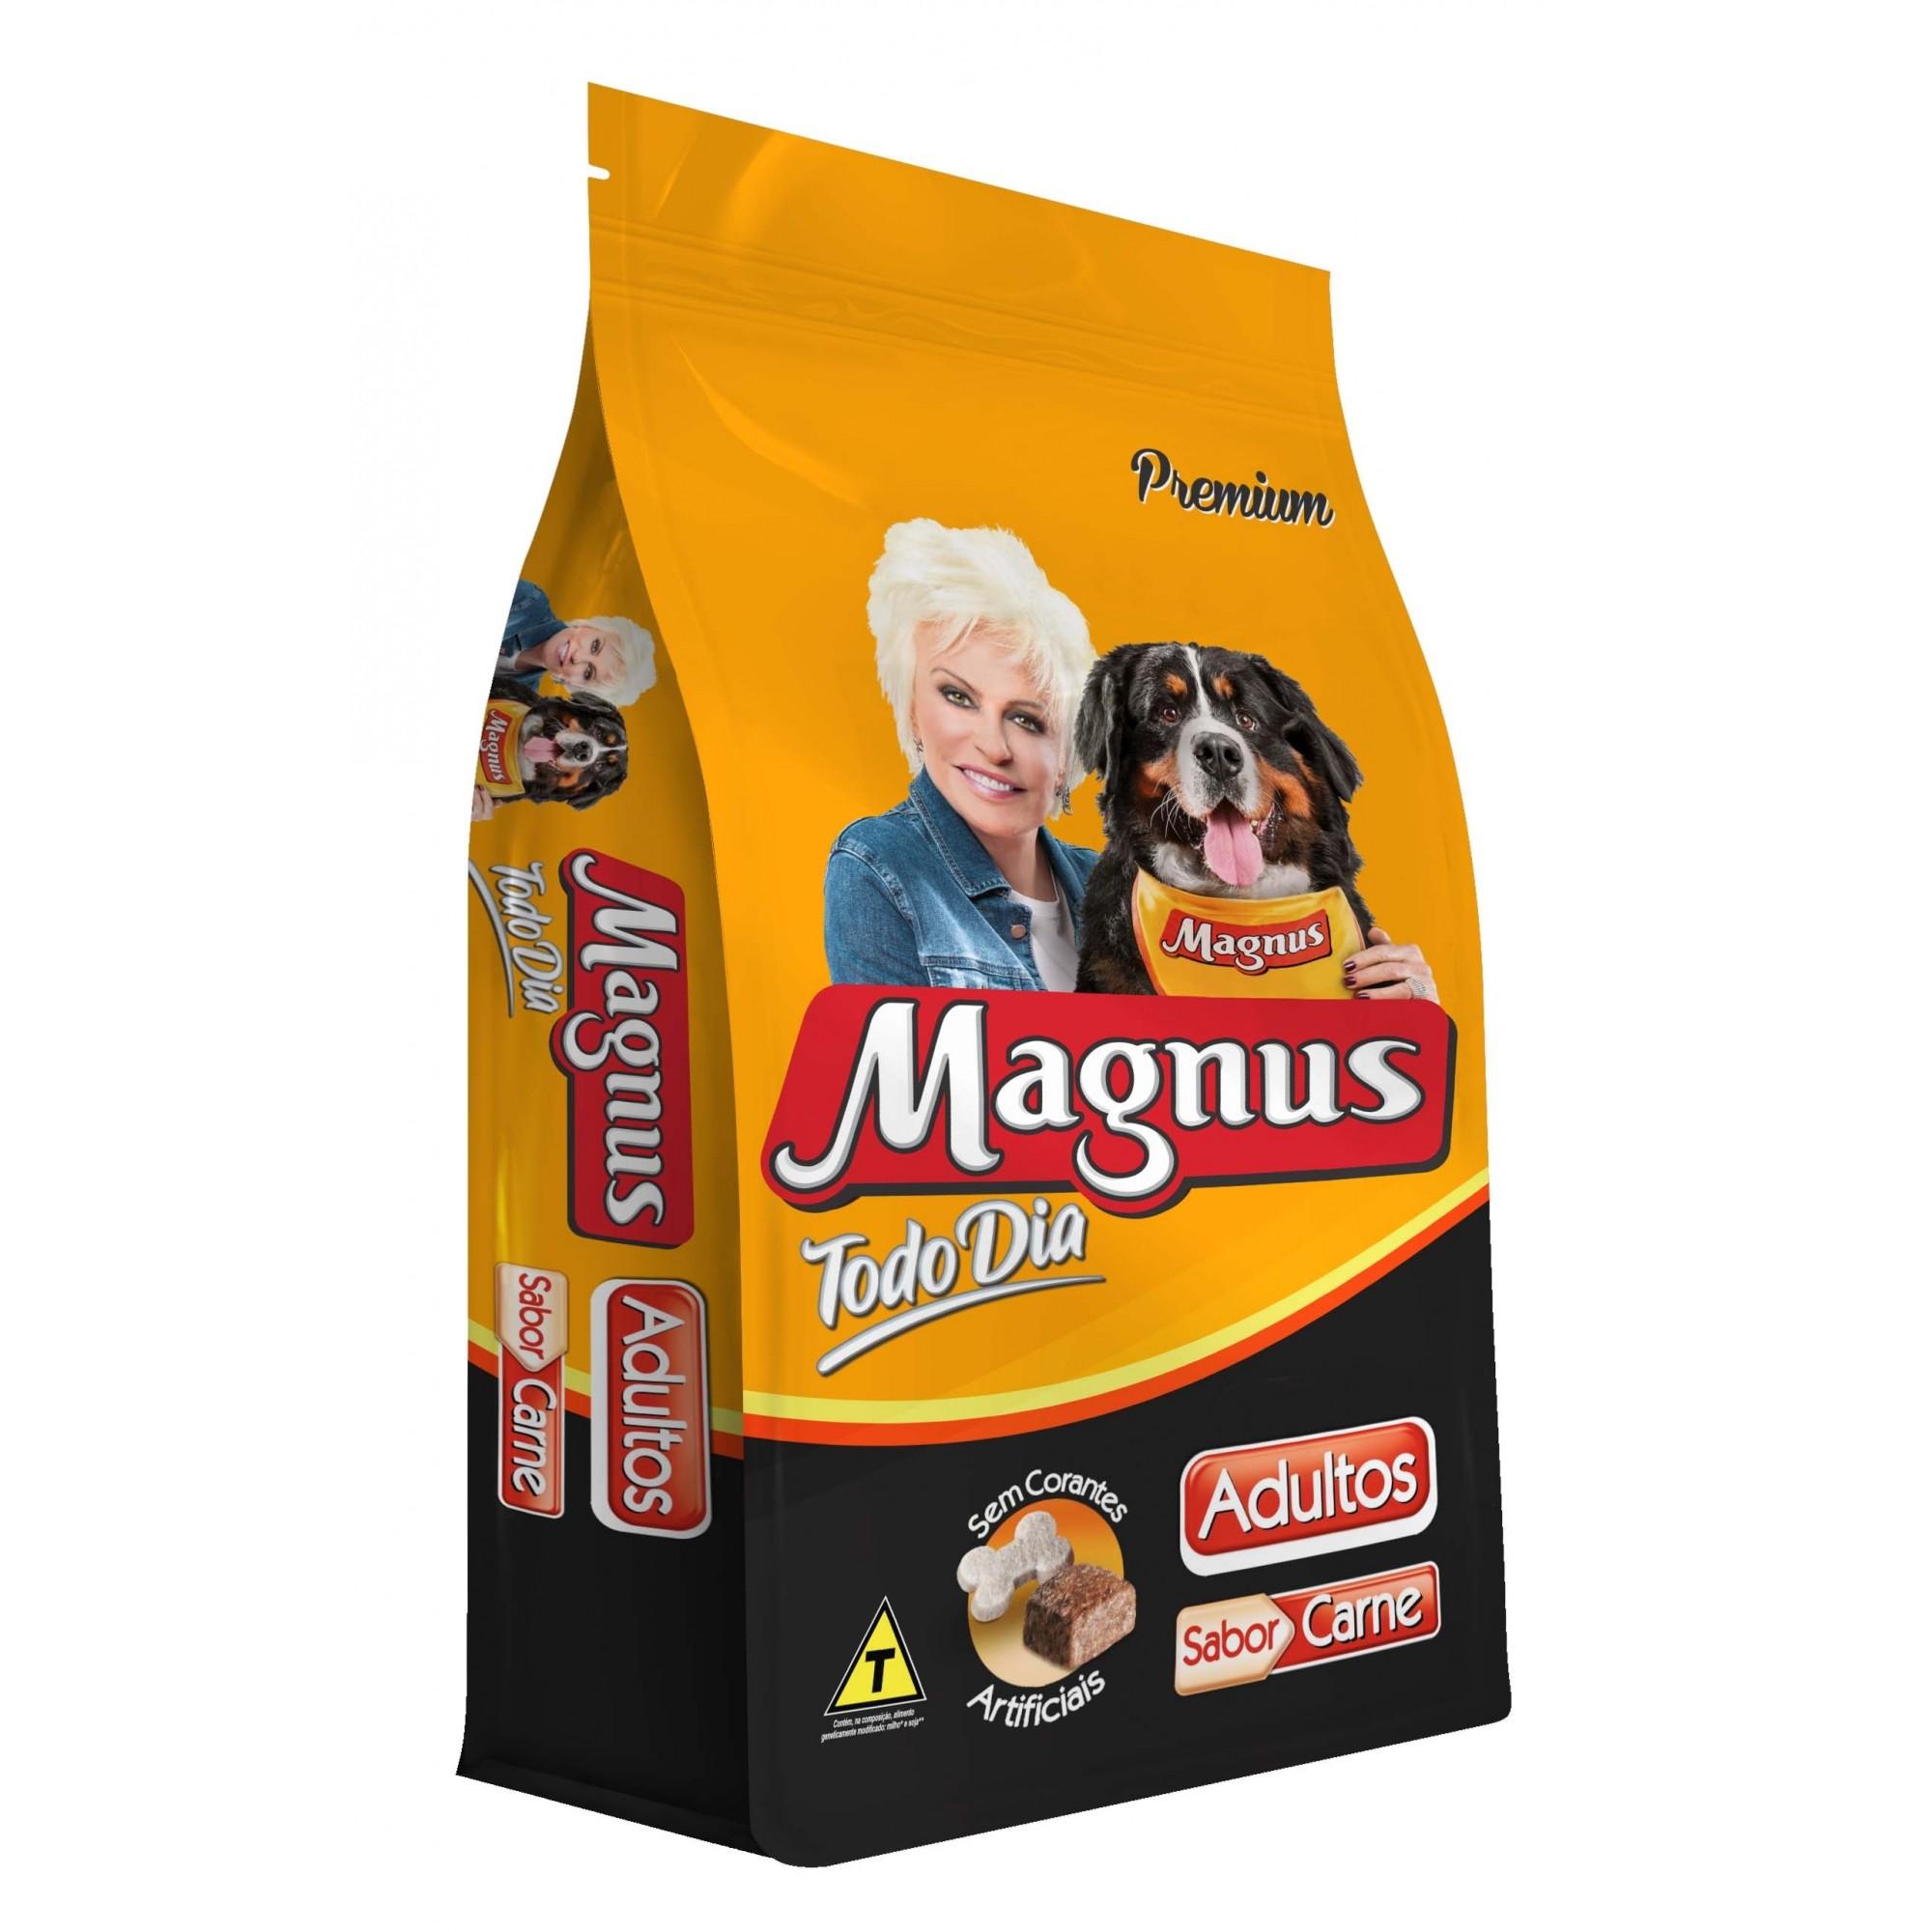 Ração Magnus Premium Todo Dia Cães Adultos Sabor Carne - 15kg